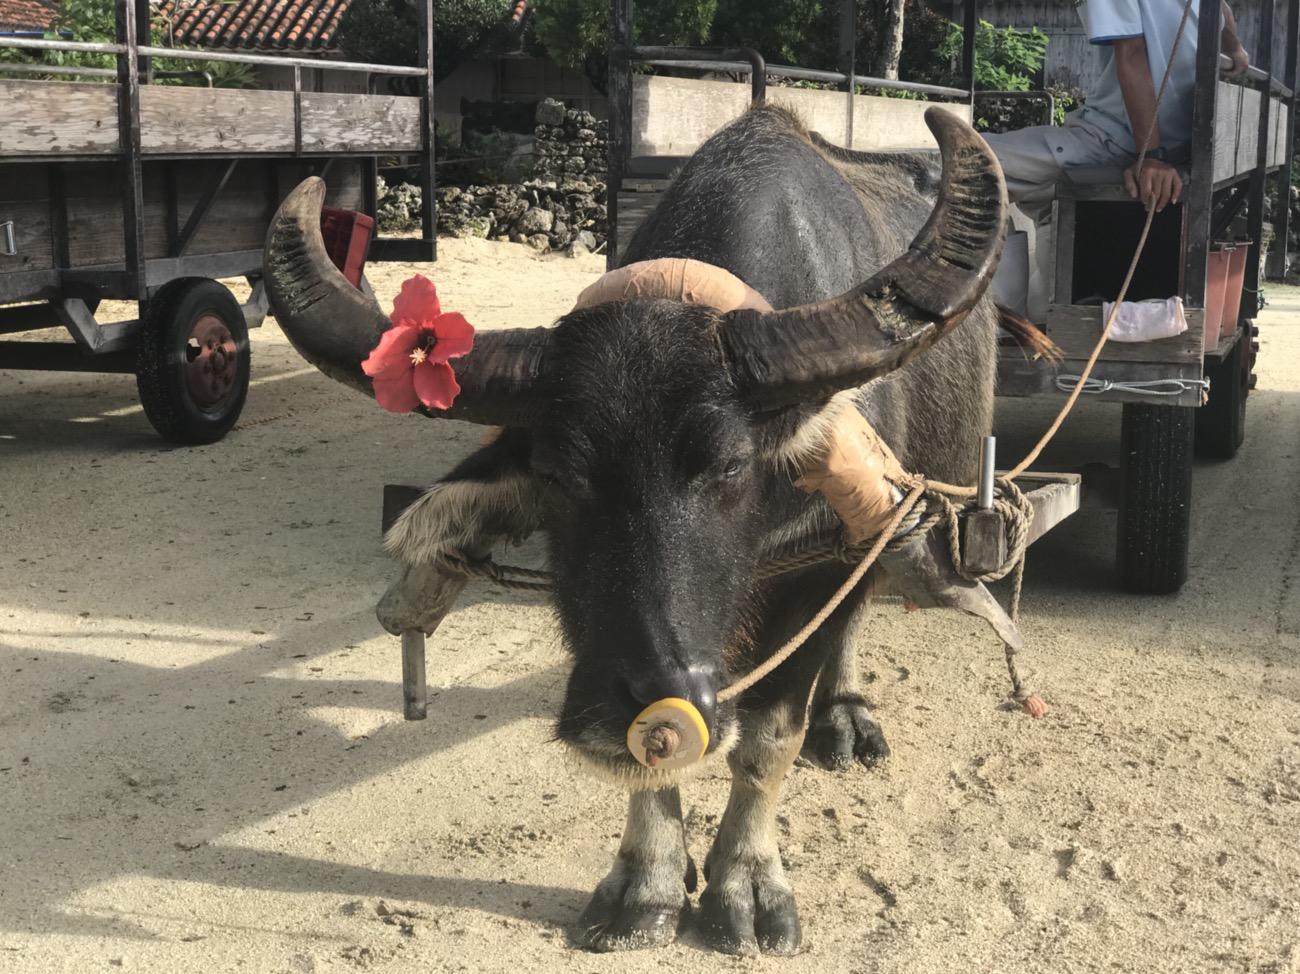 竹富島観光 大人10人ほど乗っている車を引く水牛